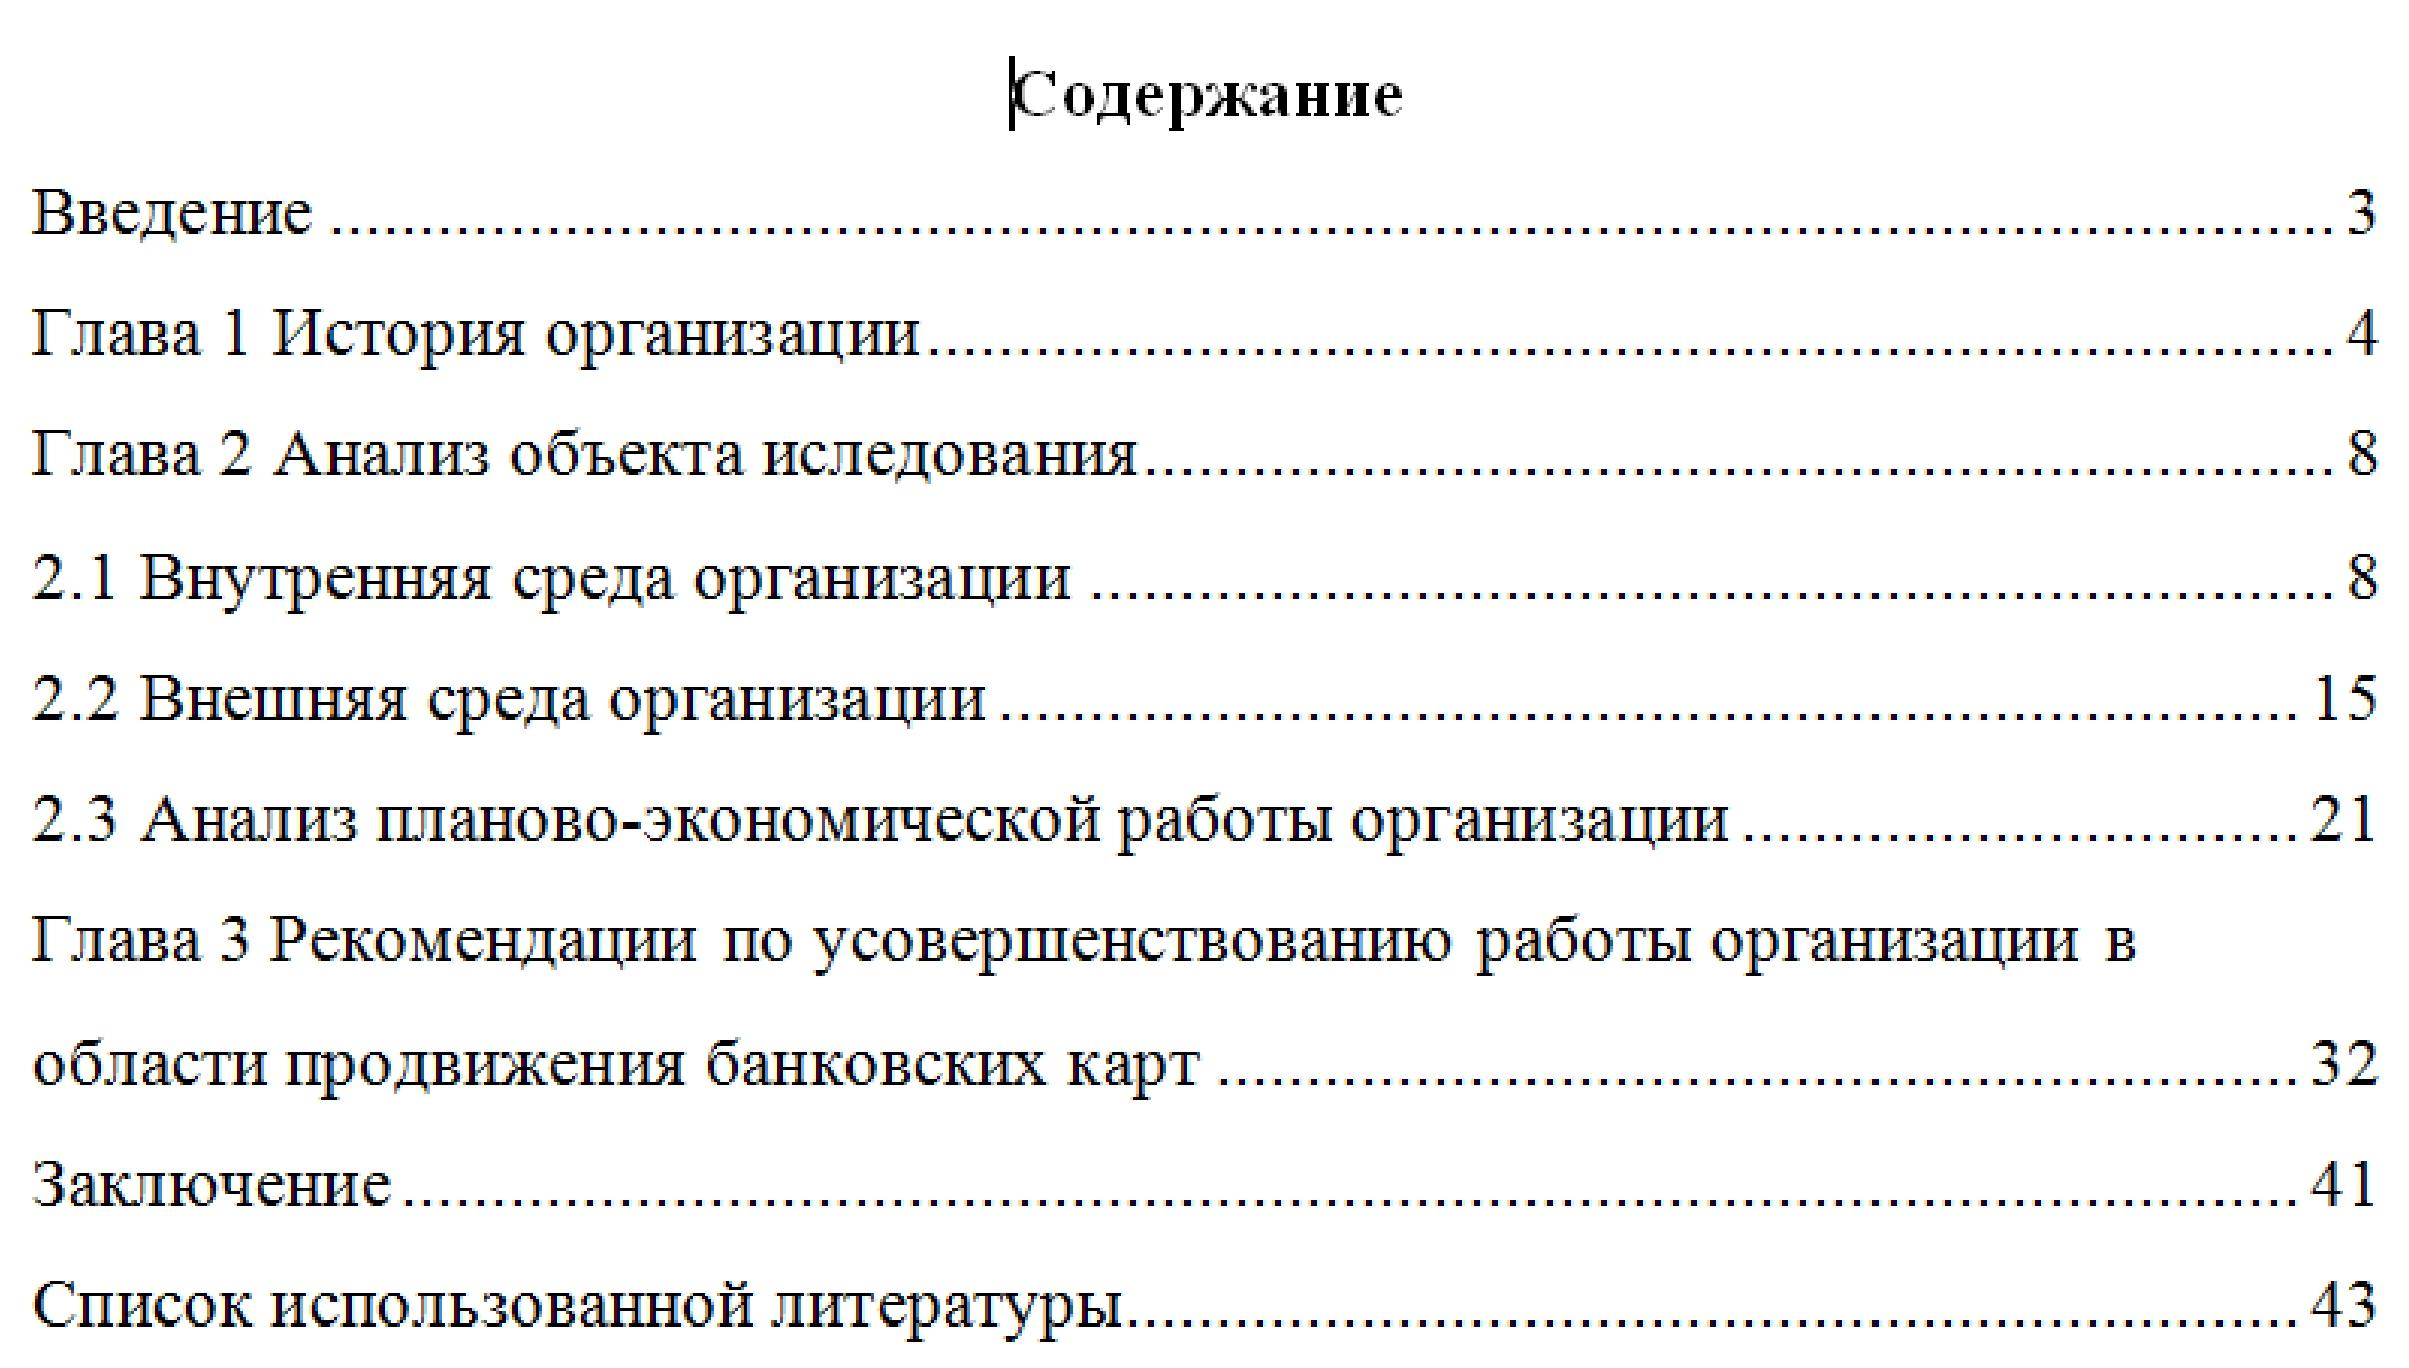 отчет коммерческого отдела образец